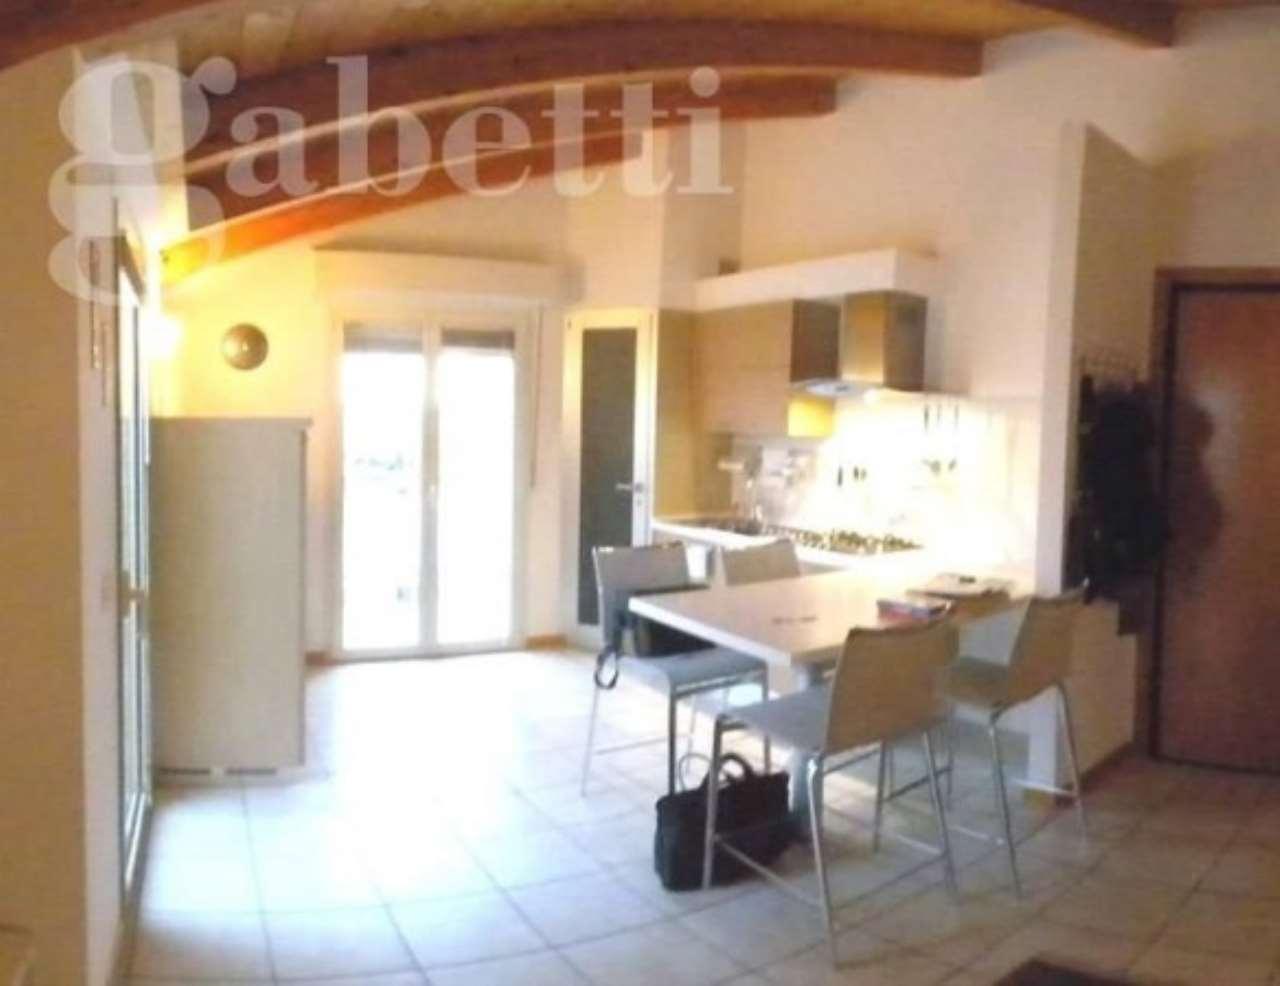 Appartamento in vendita a Senigallia, 3 locali, prezzo € 200.000 | CambioCasa.it